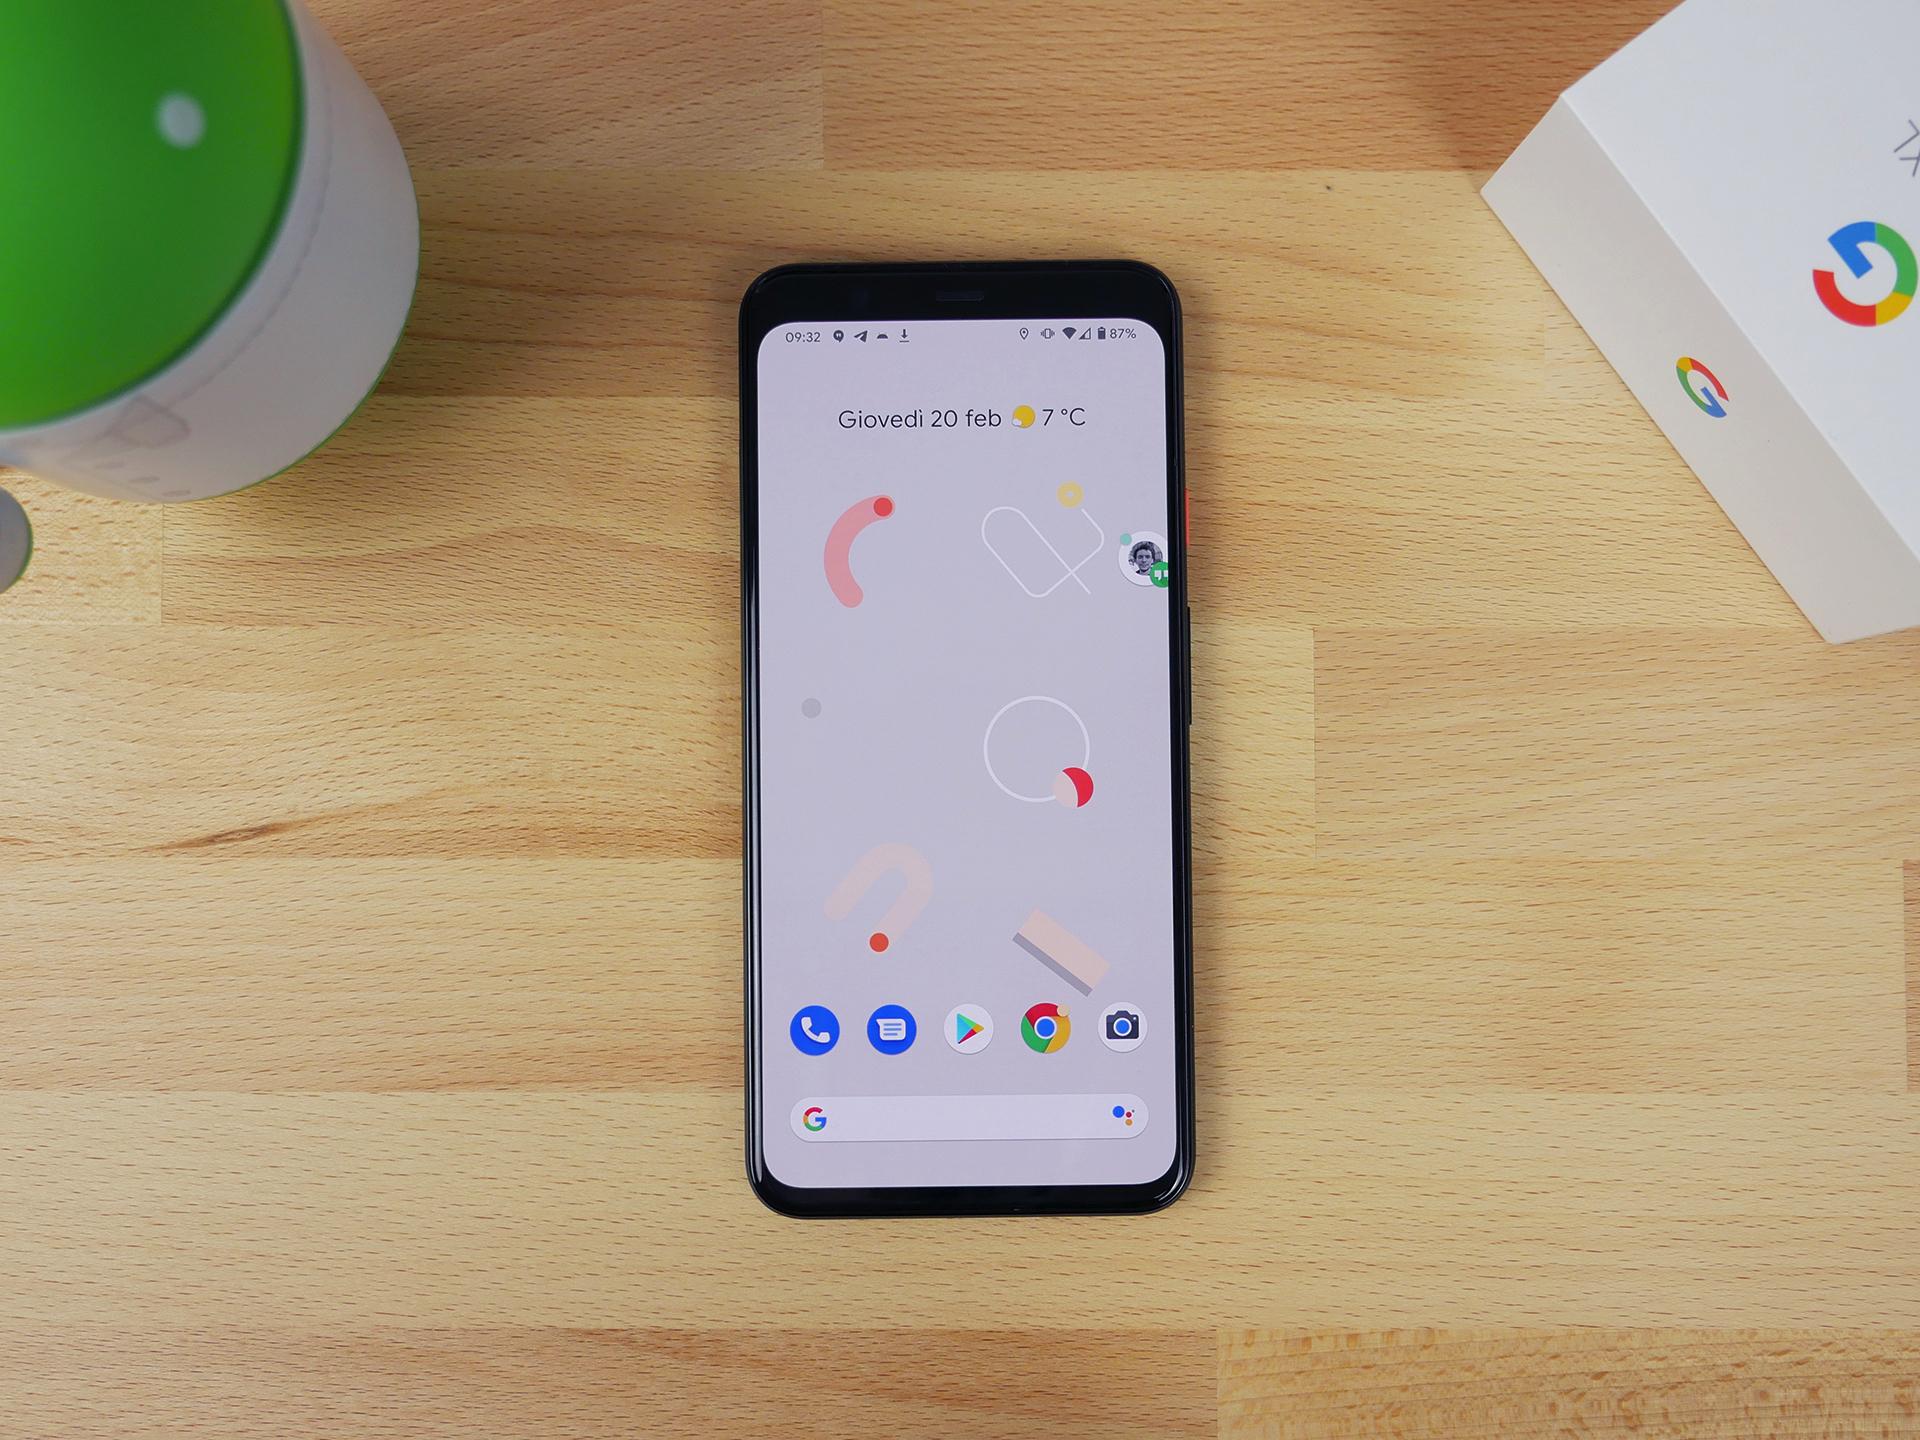 Google taglia di molto il prezzo di Pixel 4 e Pixel 4 XL: or